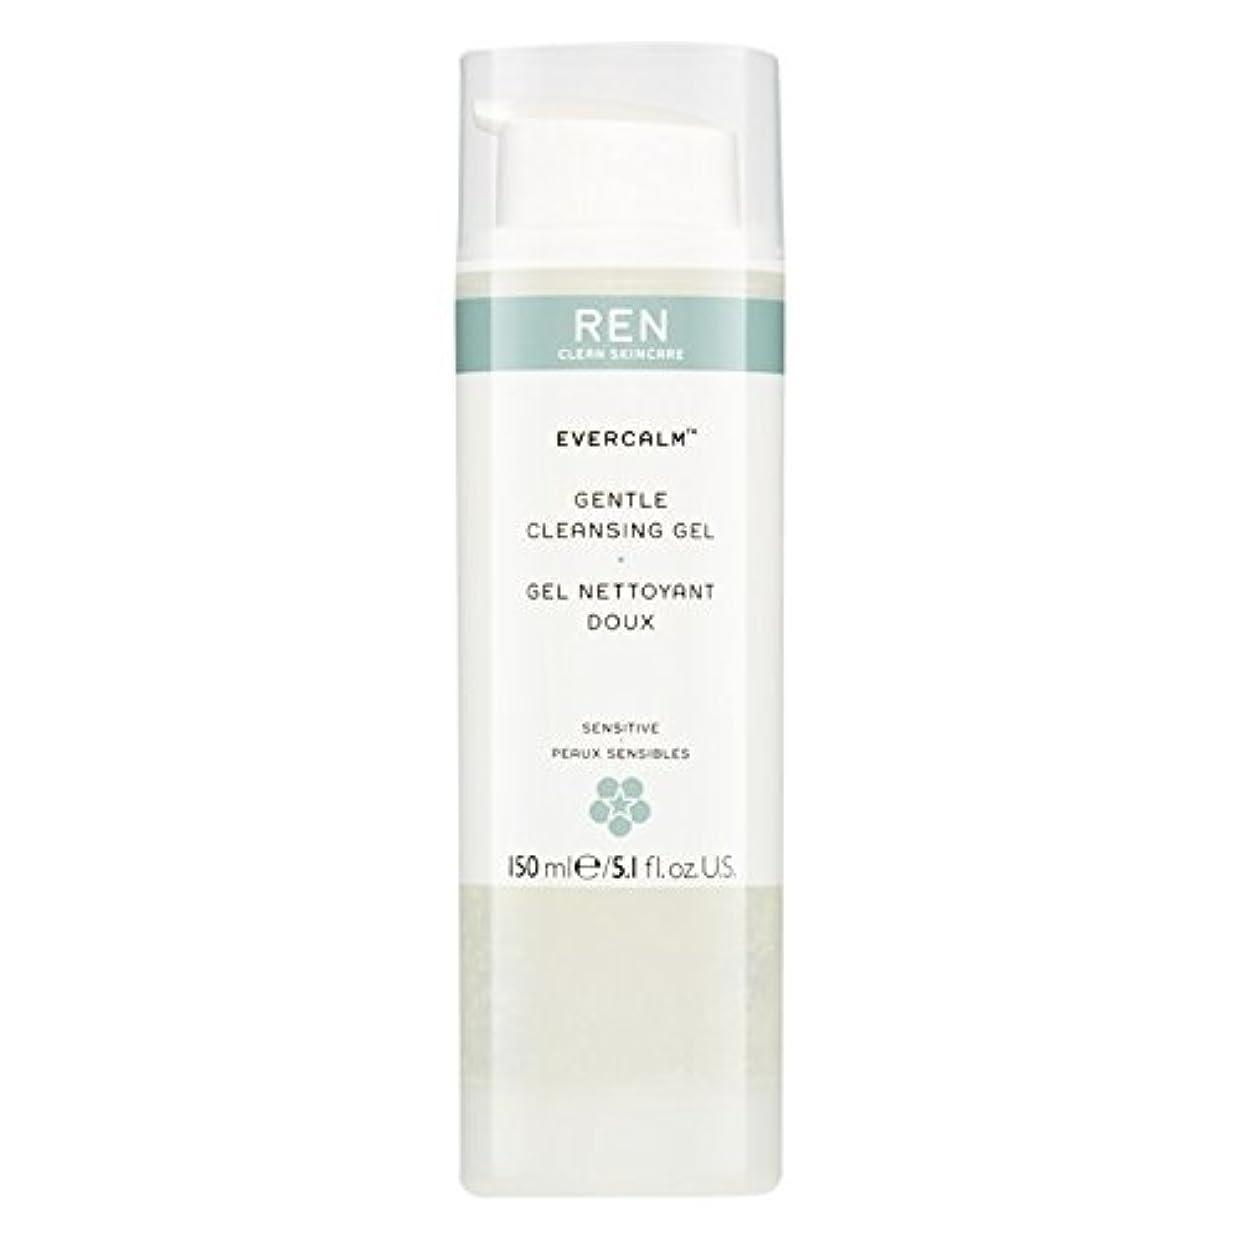 追い払うケニアラフレシアアルノルディRen Evercalm優しいクレンジングジェル、150ミリリットル (REN) (x6) - REN Evercalm Gentle Cleansing Gel, 150ml (Pack of 6) [並行輸入品]